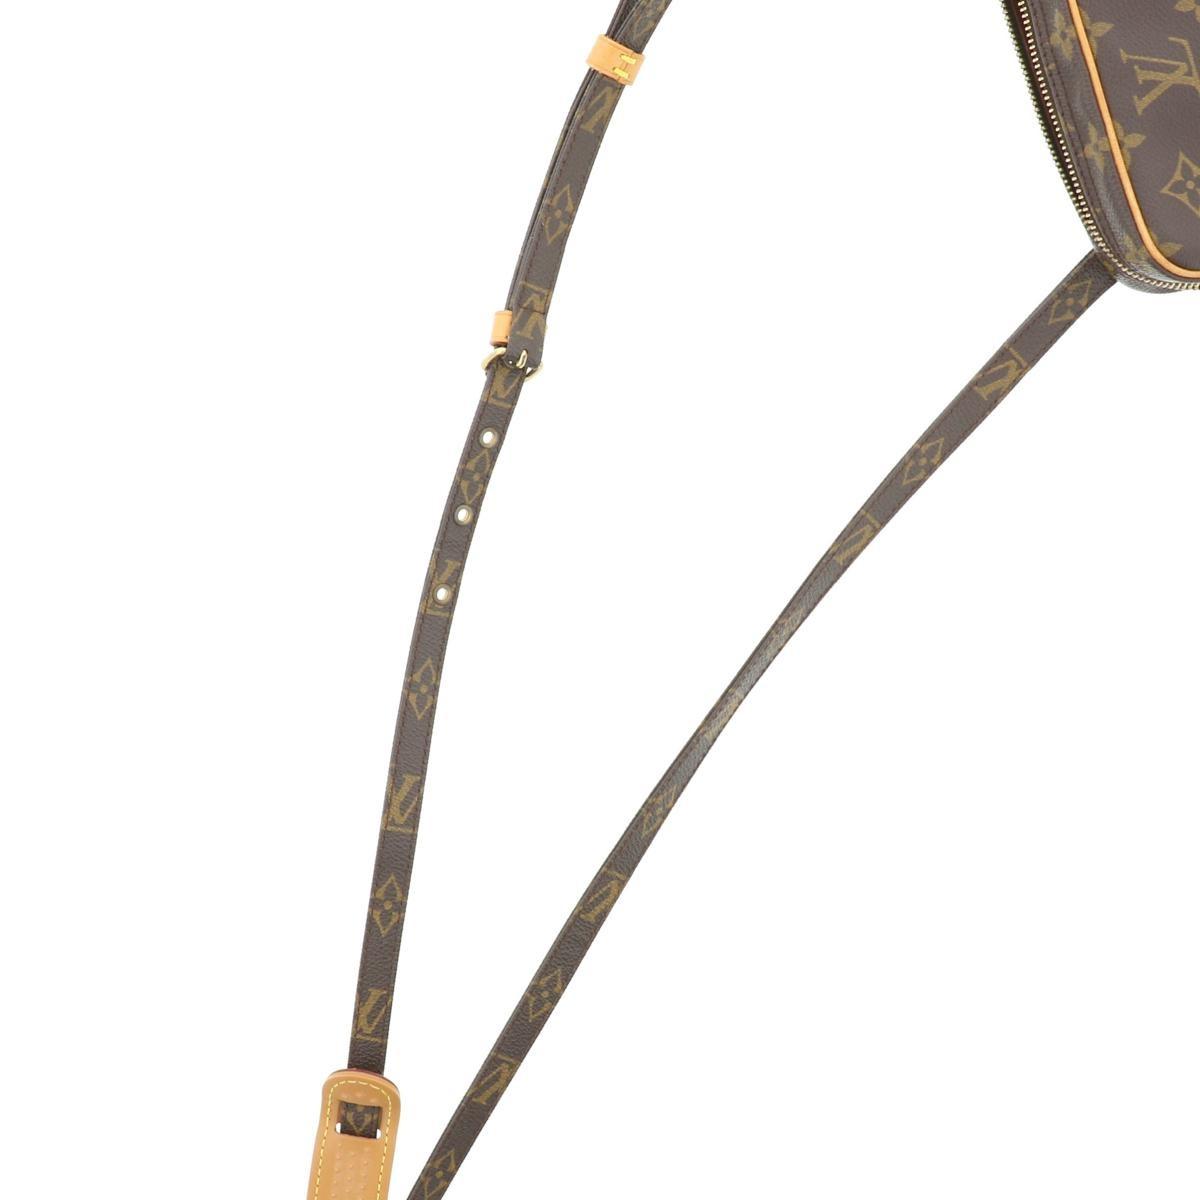 【中古】 LOUIS VUITTON (ルイヴィトン) ポシェット・マルリーバンドリエール バッグ ショルダー/メッセンジャーバッグ Monogram モノグラム M51828 used:A